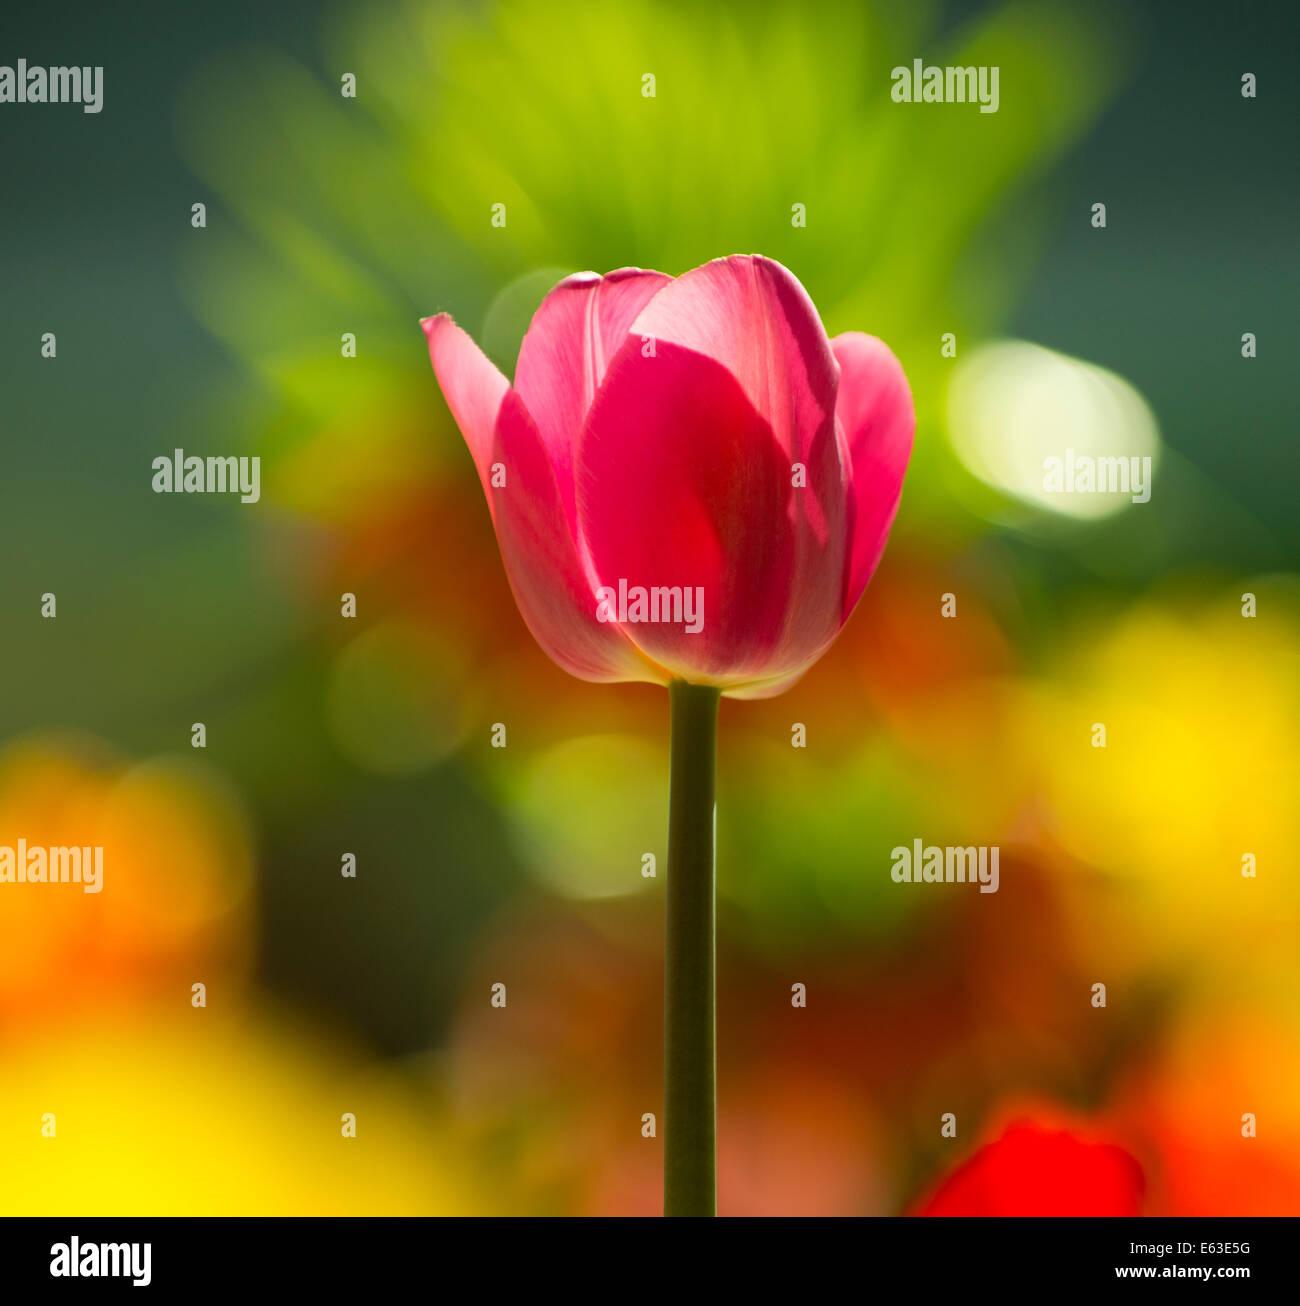 Fiori, Close-up di Rosso retroilluminato Tulip con un sfocato sfondo floreale. Stati Uniti d'America Immagini Stock